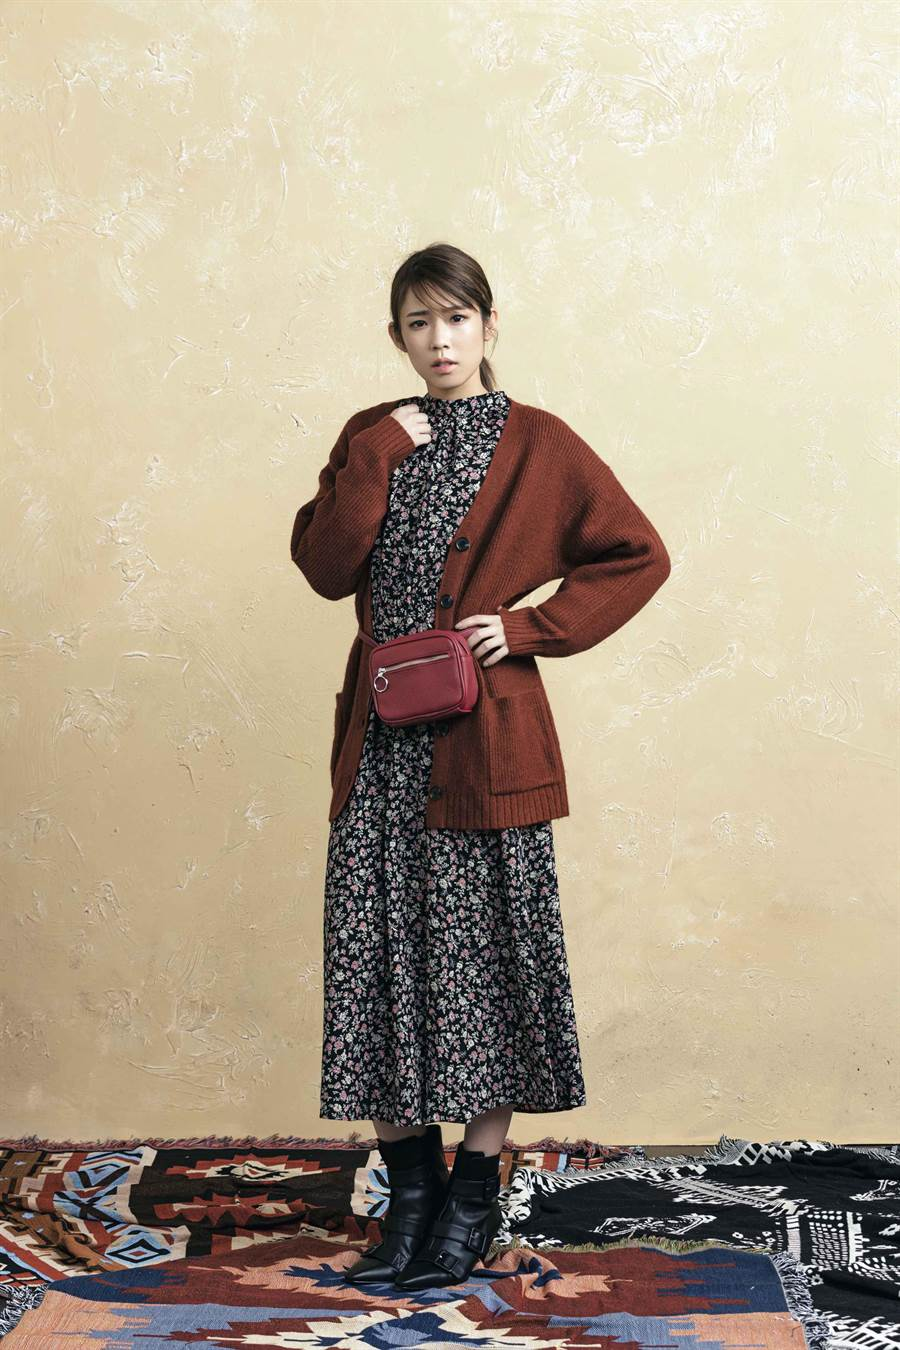 實搭的連身裙搭配外罩酒紅色寬鬆感針織開襟外套,營造今年秋冬濃濃的復古典雅氛圍!(GU提供)